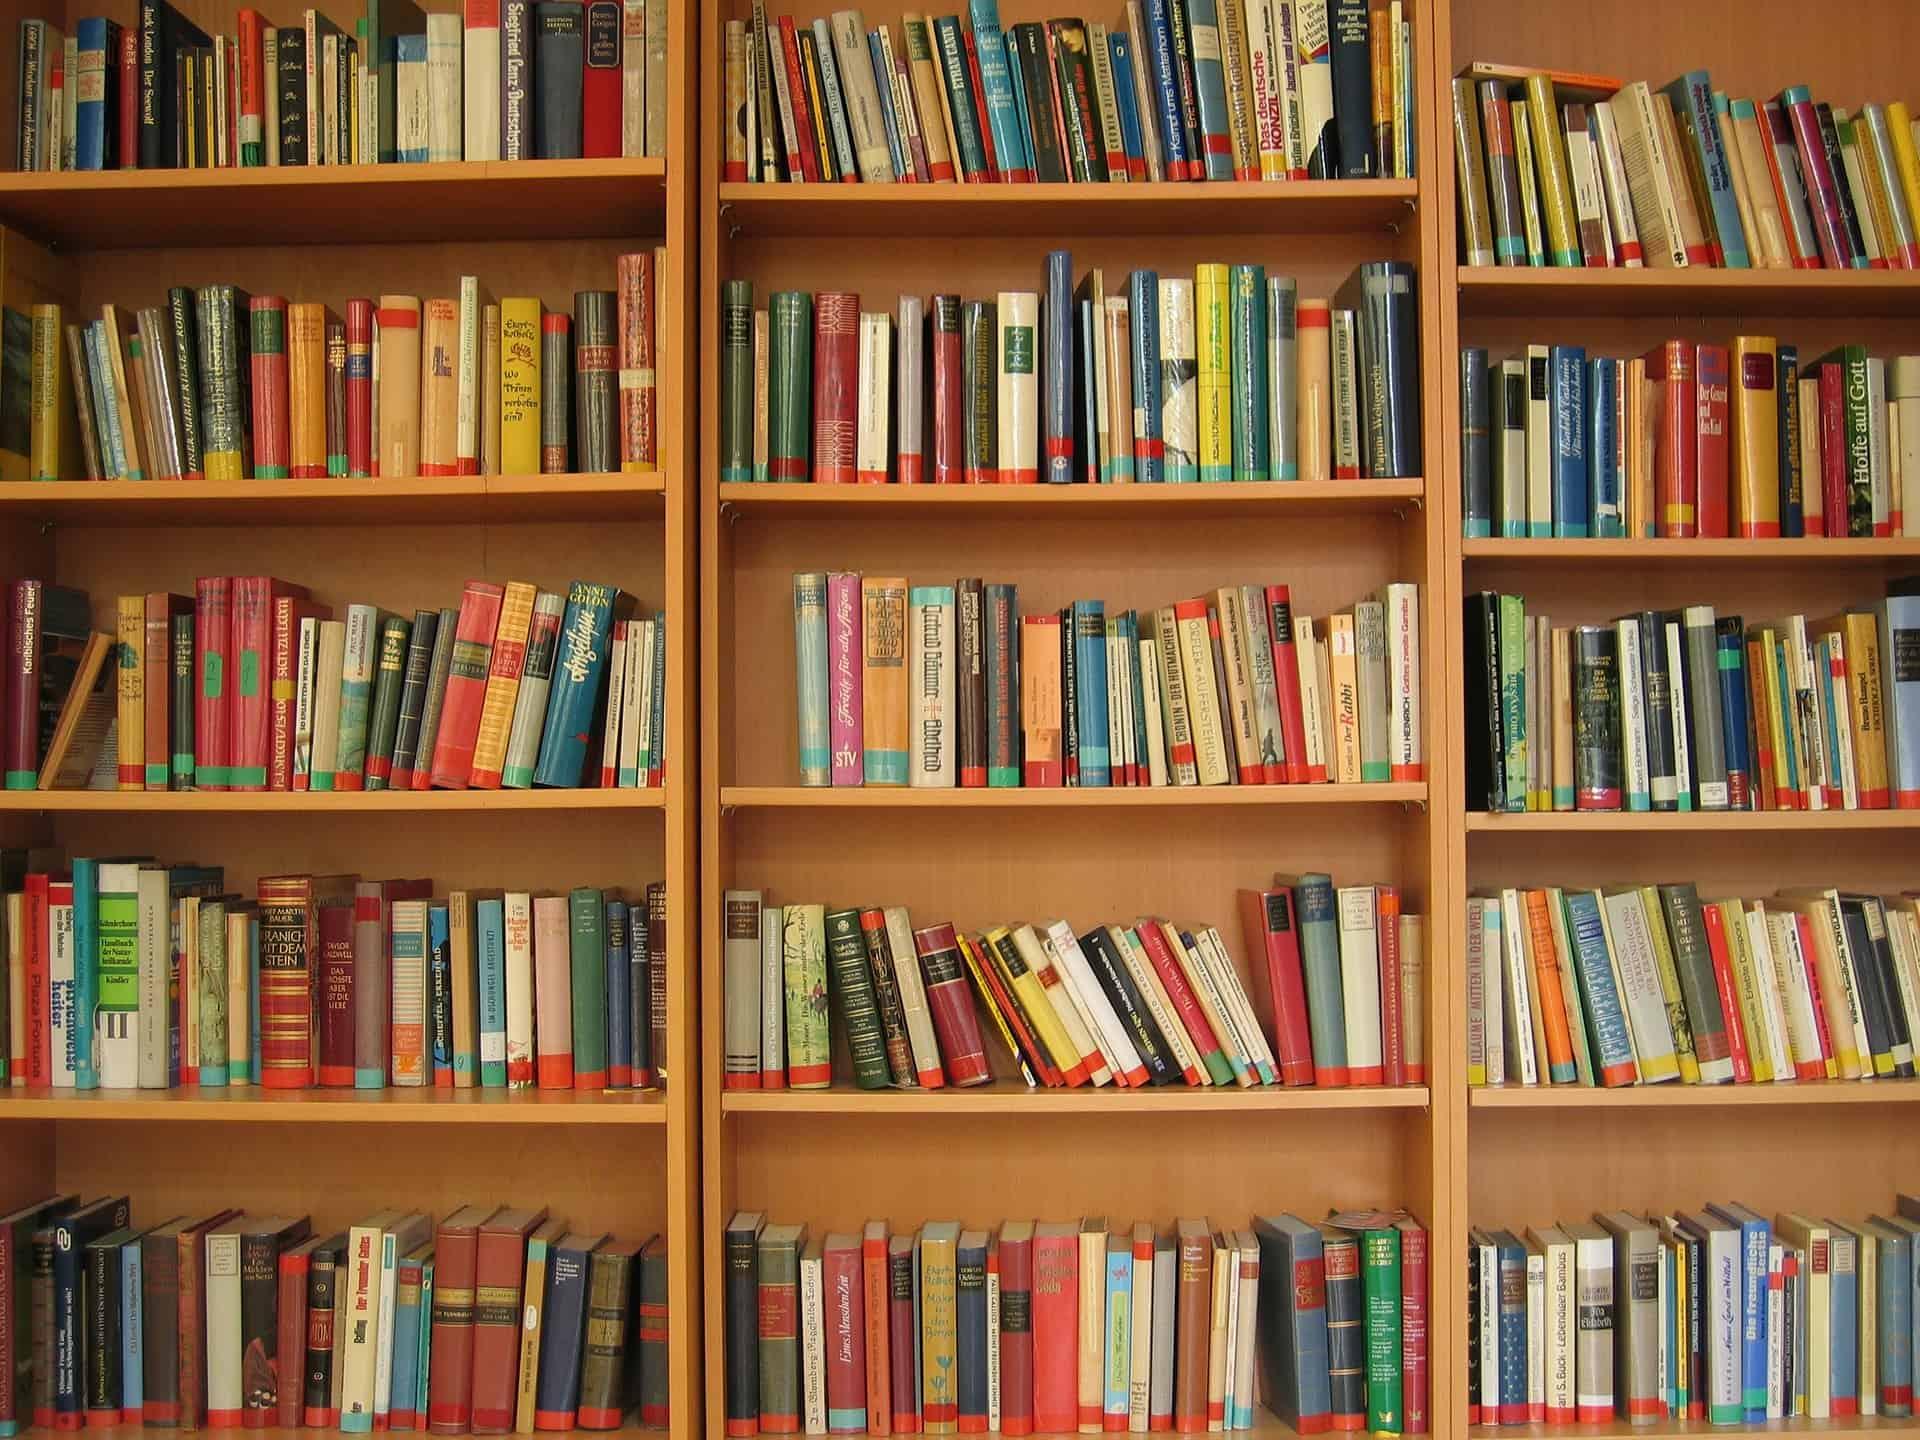 Estante para livros: Como escolher a melhor em 2021?